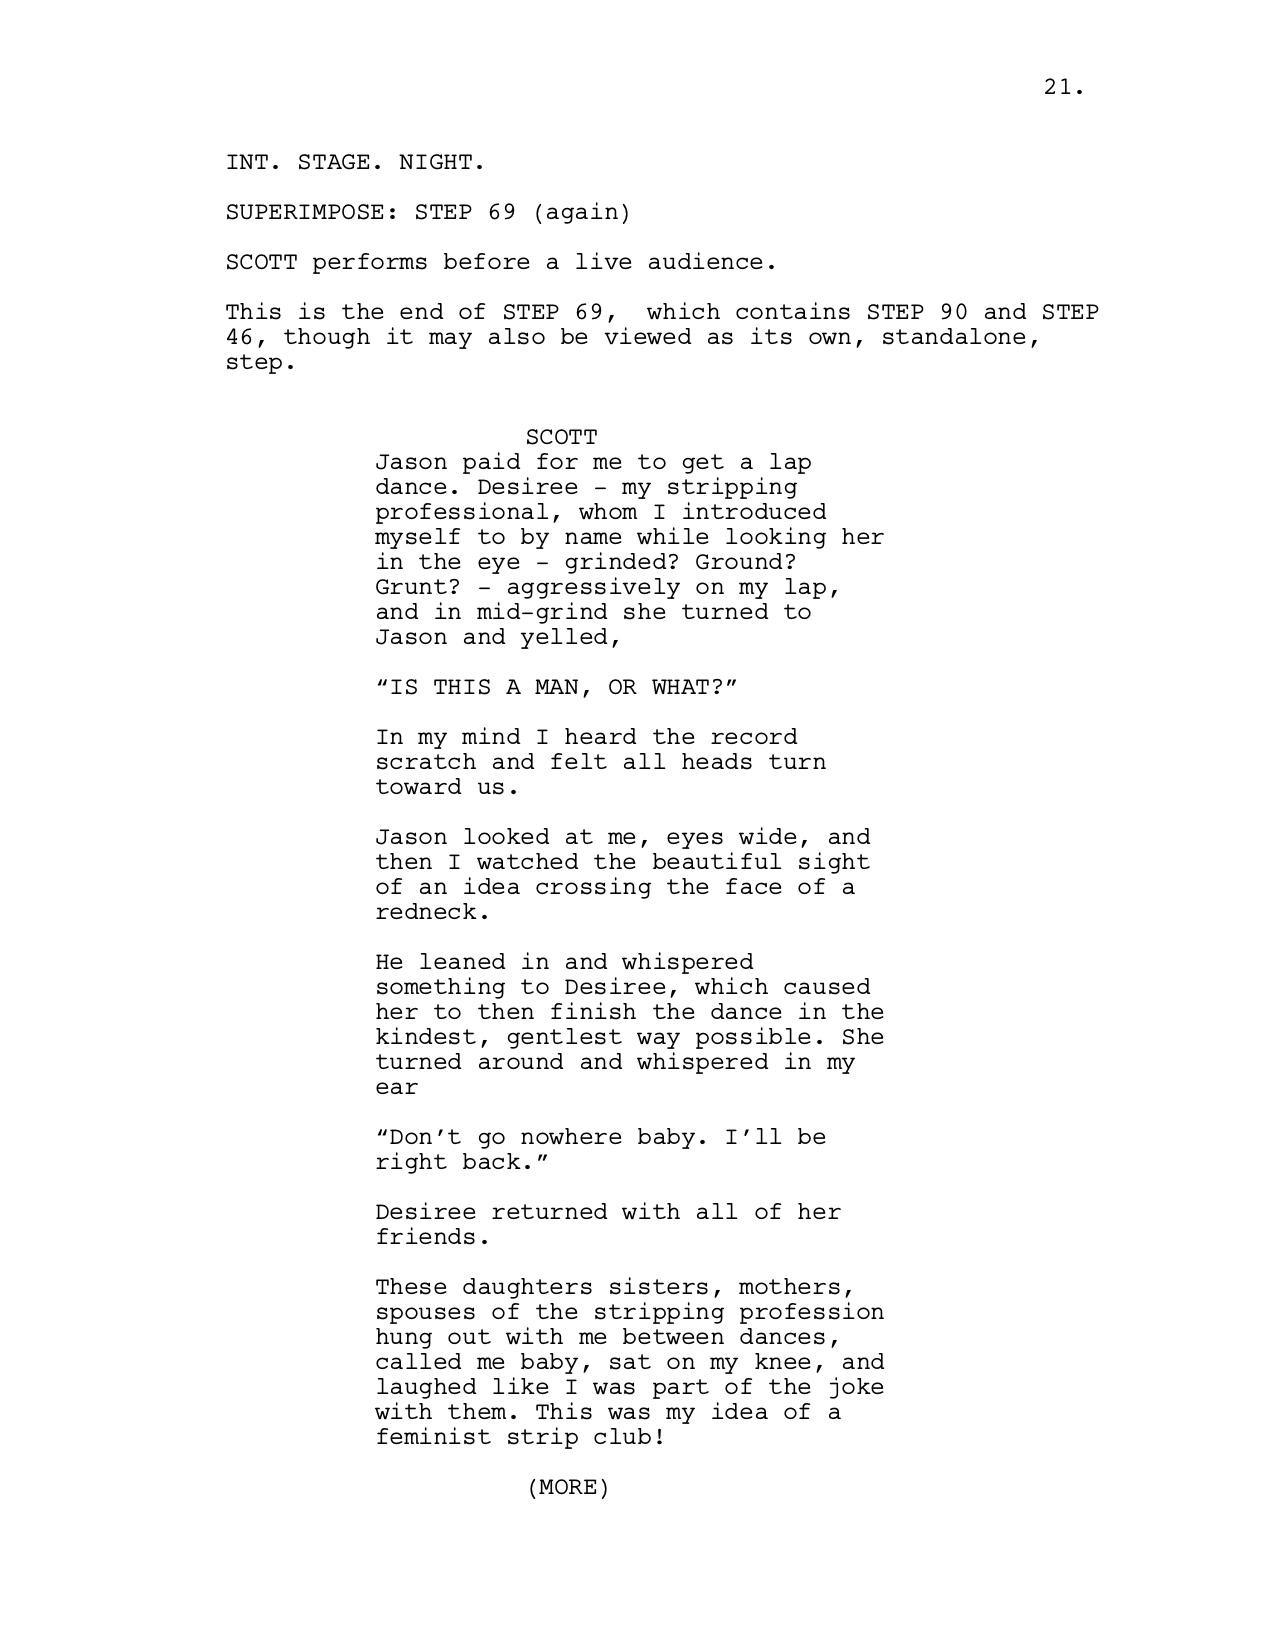 pg 21.jpg